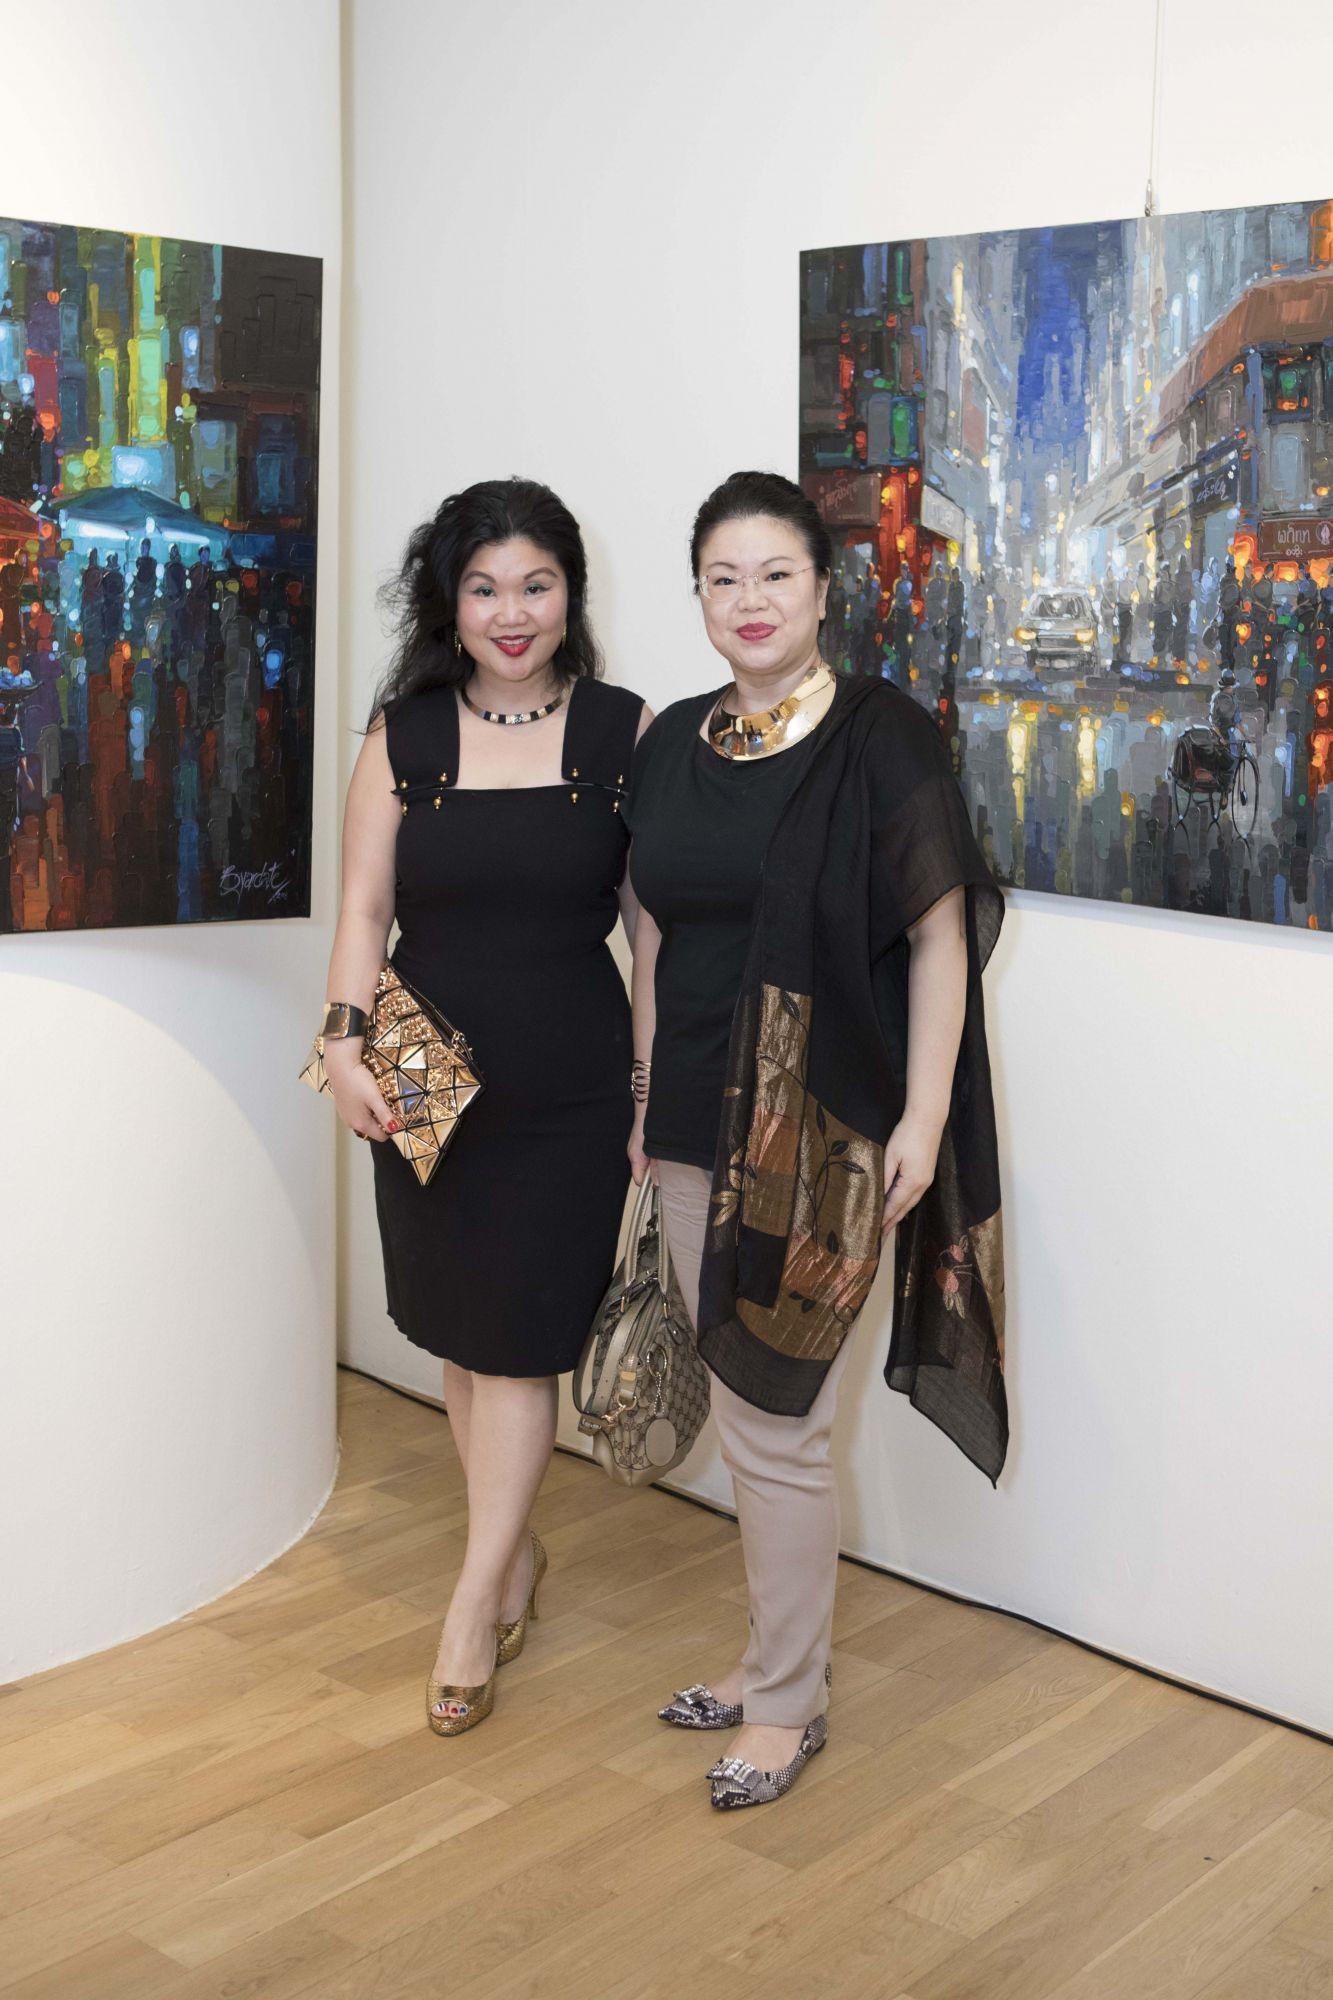 Lam Tse Yi, Lam Min Yee